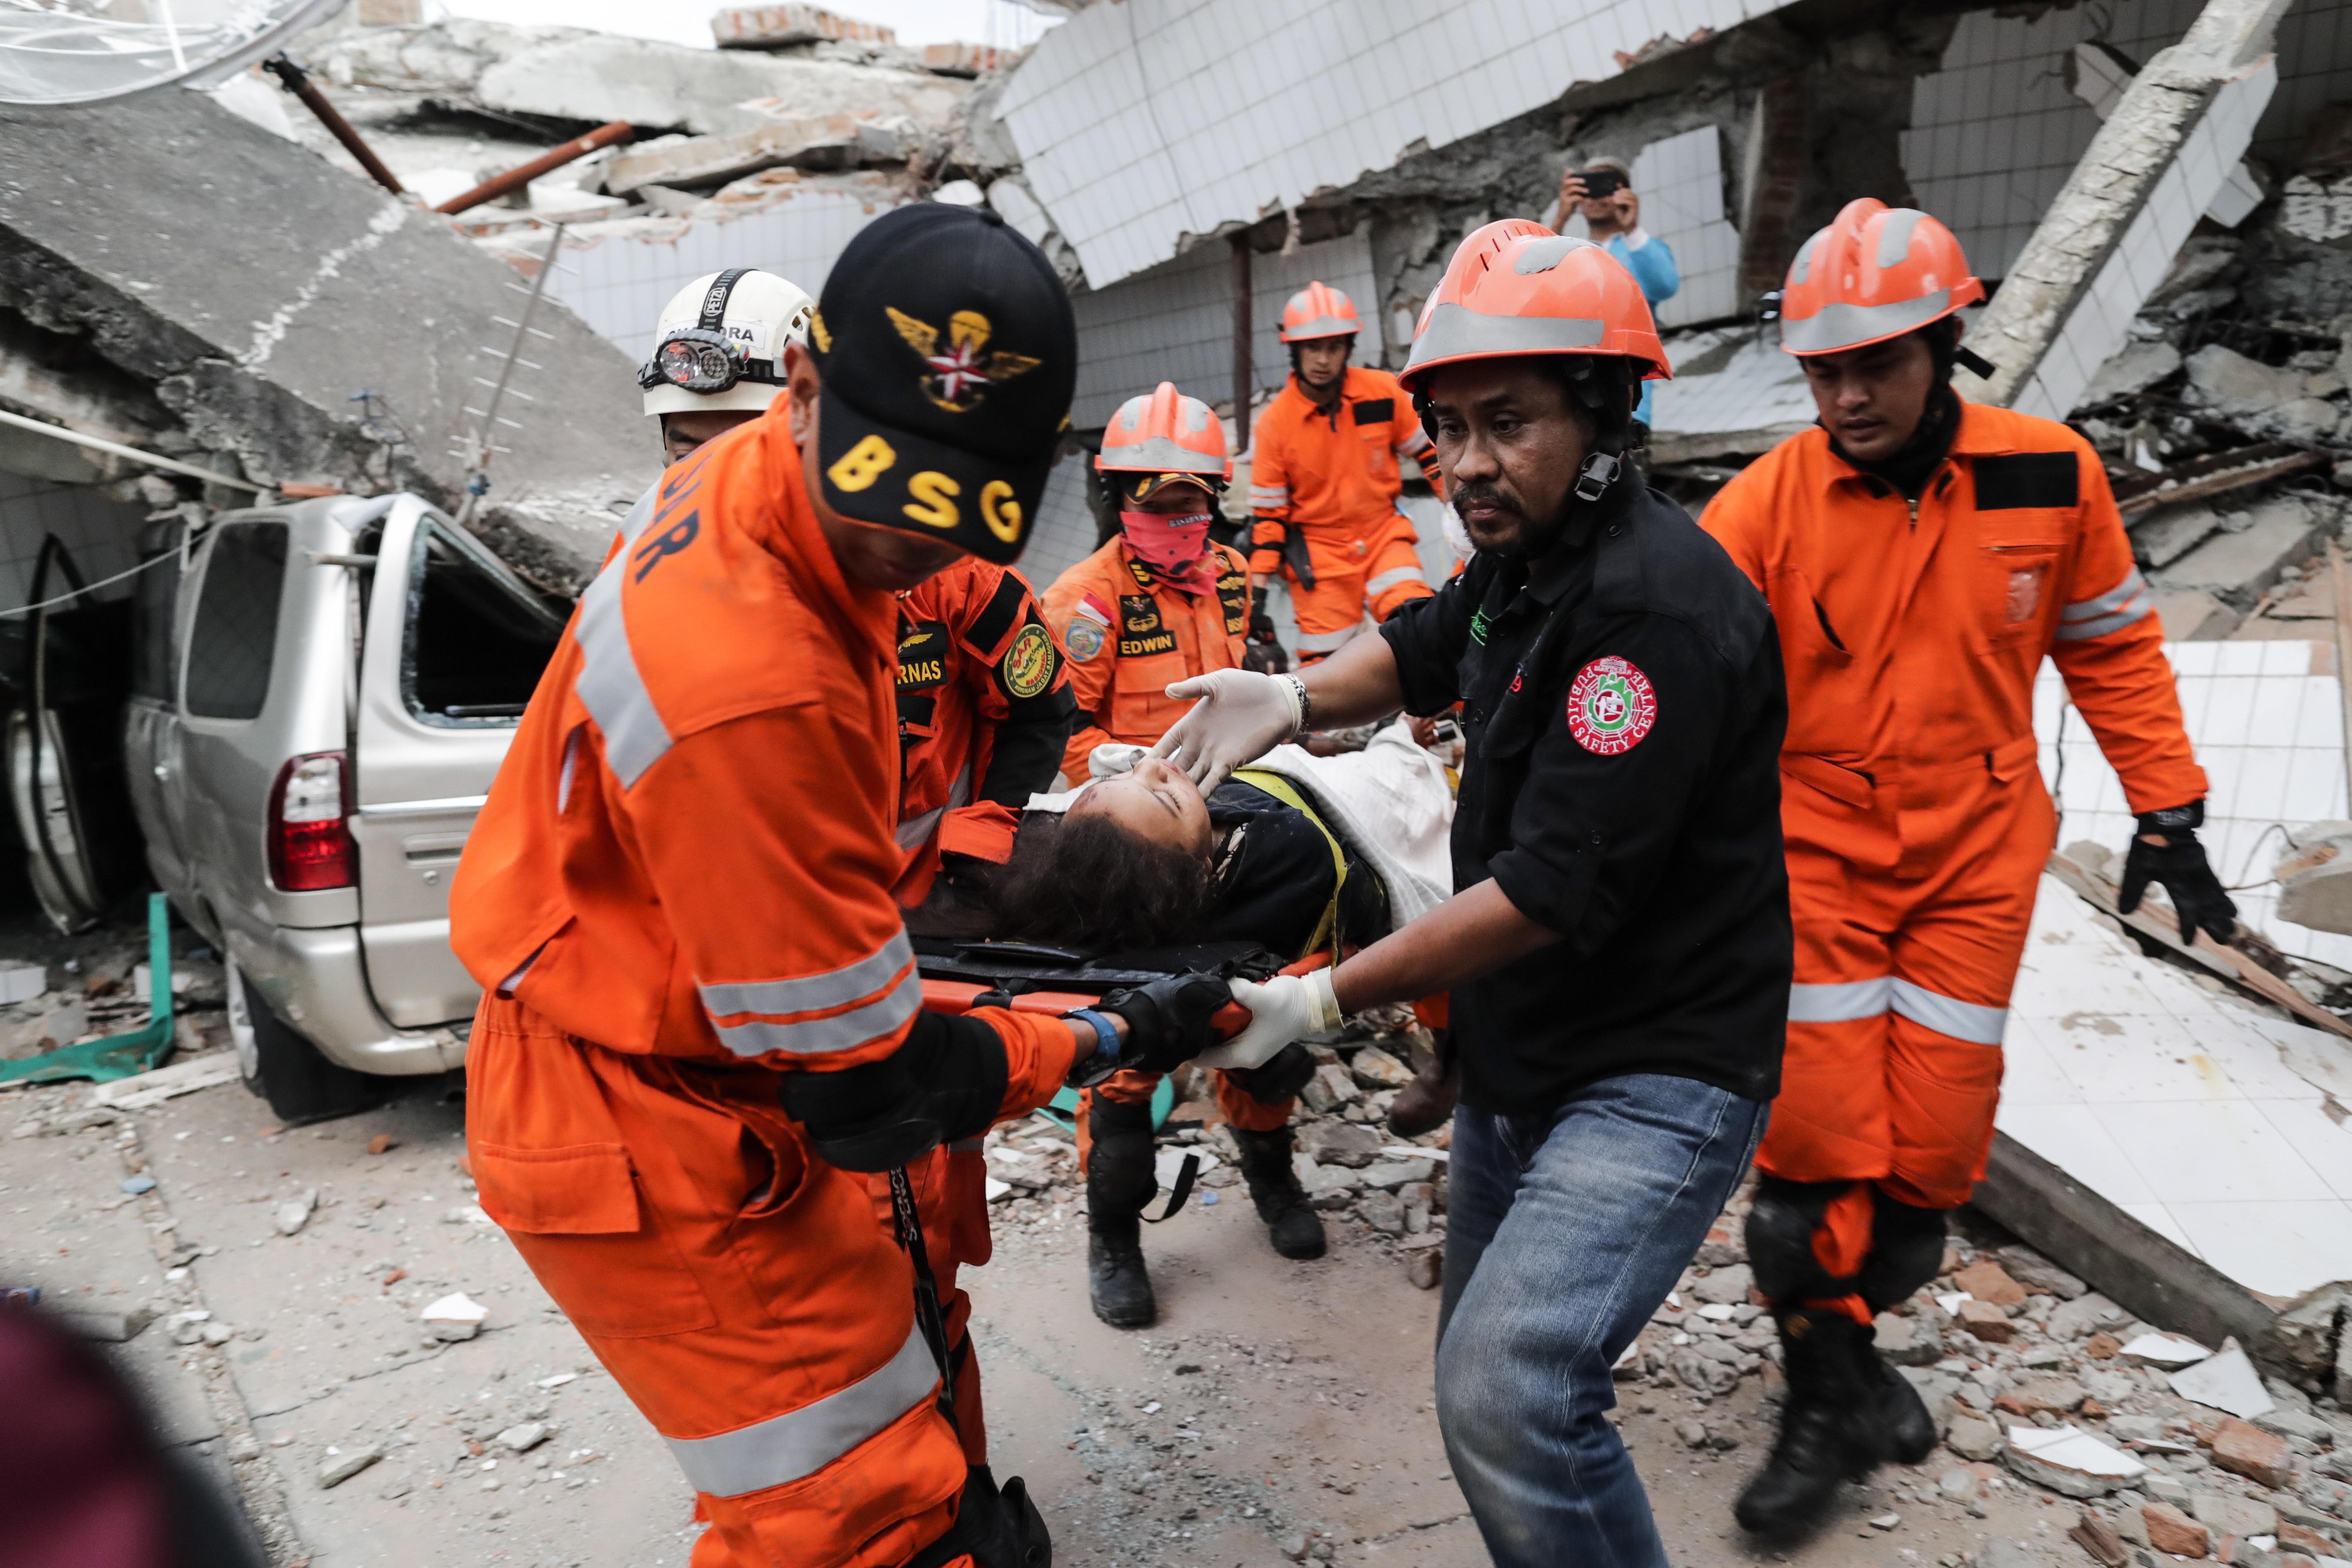 Un agujero en la tierra se tragó 1.000 casas en Indonesia